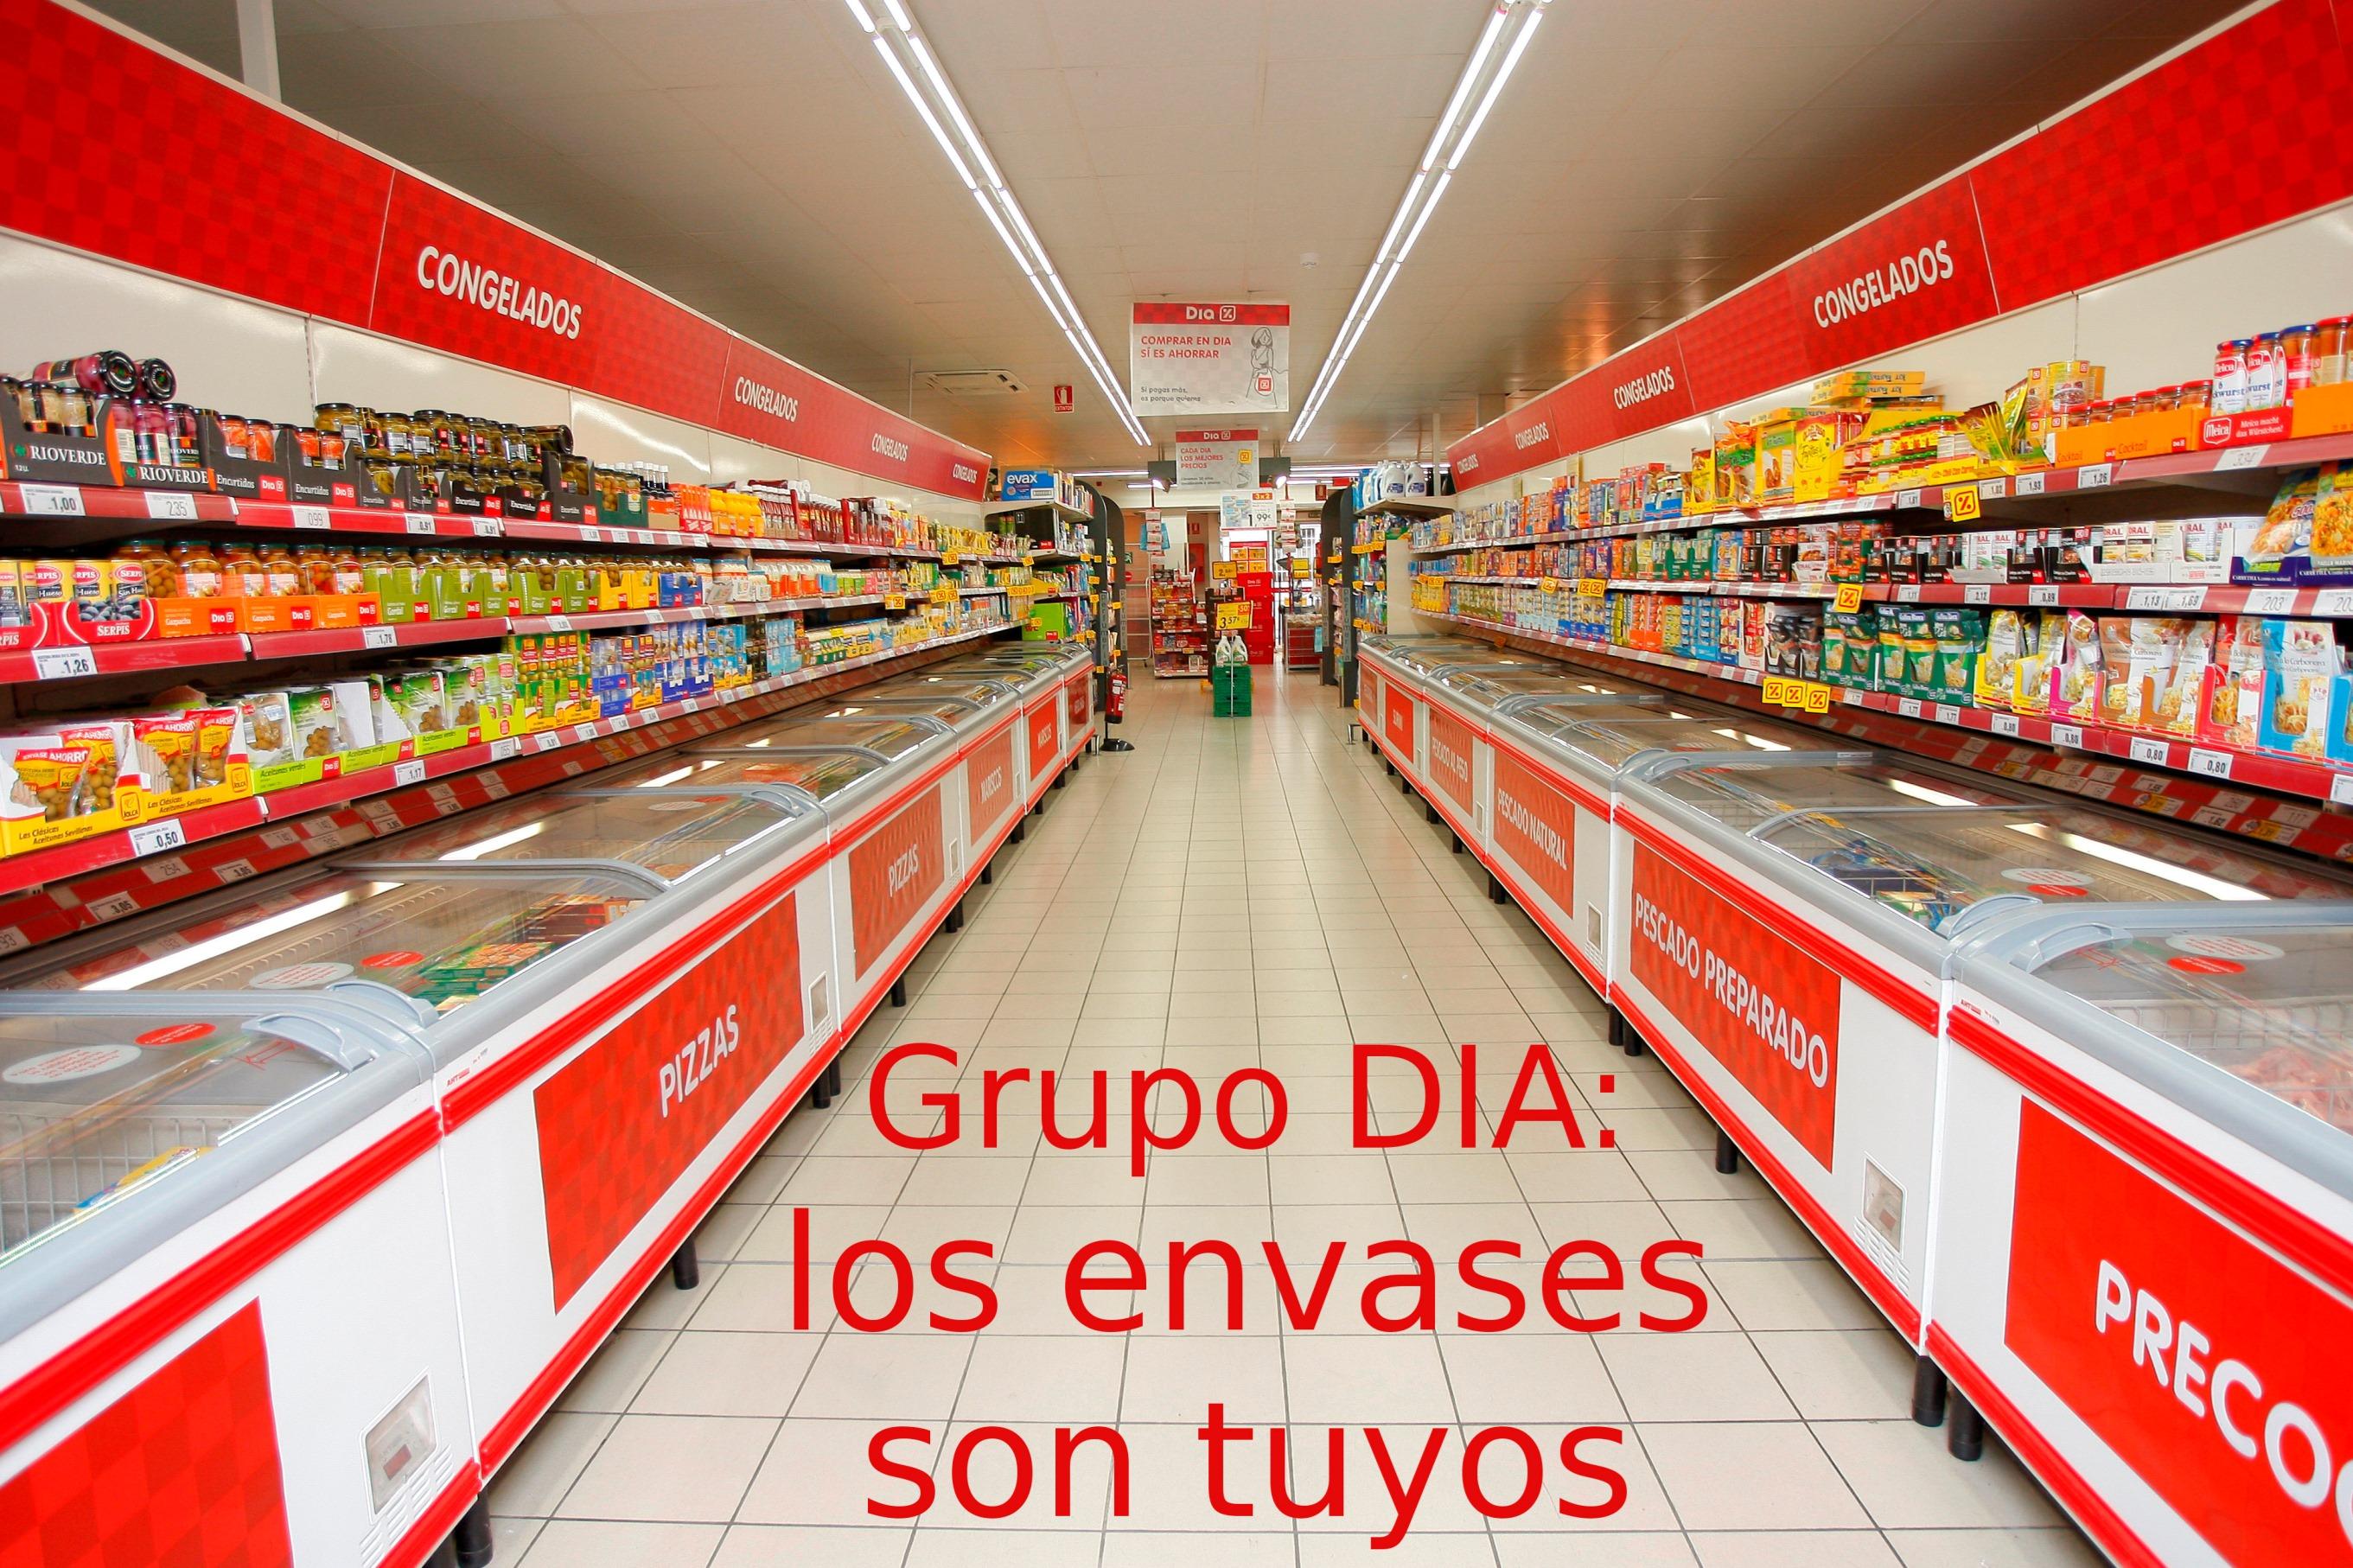 Grupo DIA: los envases son tuyos